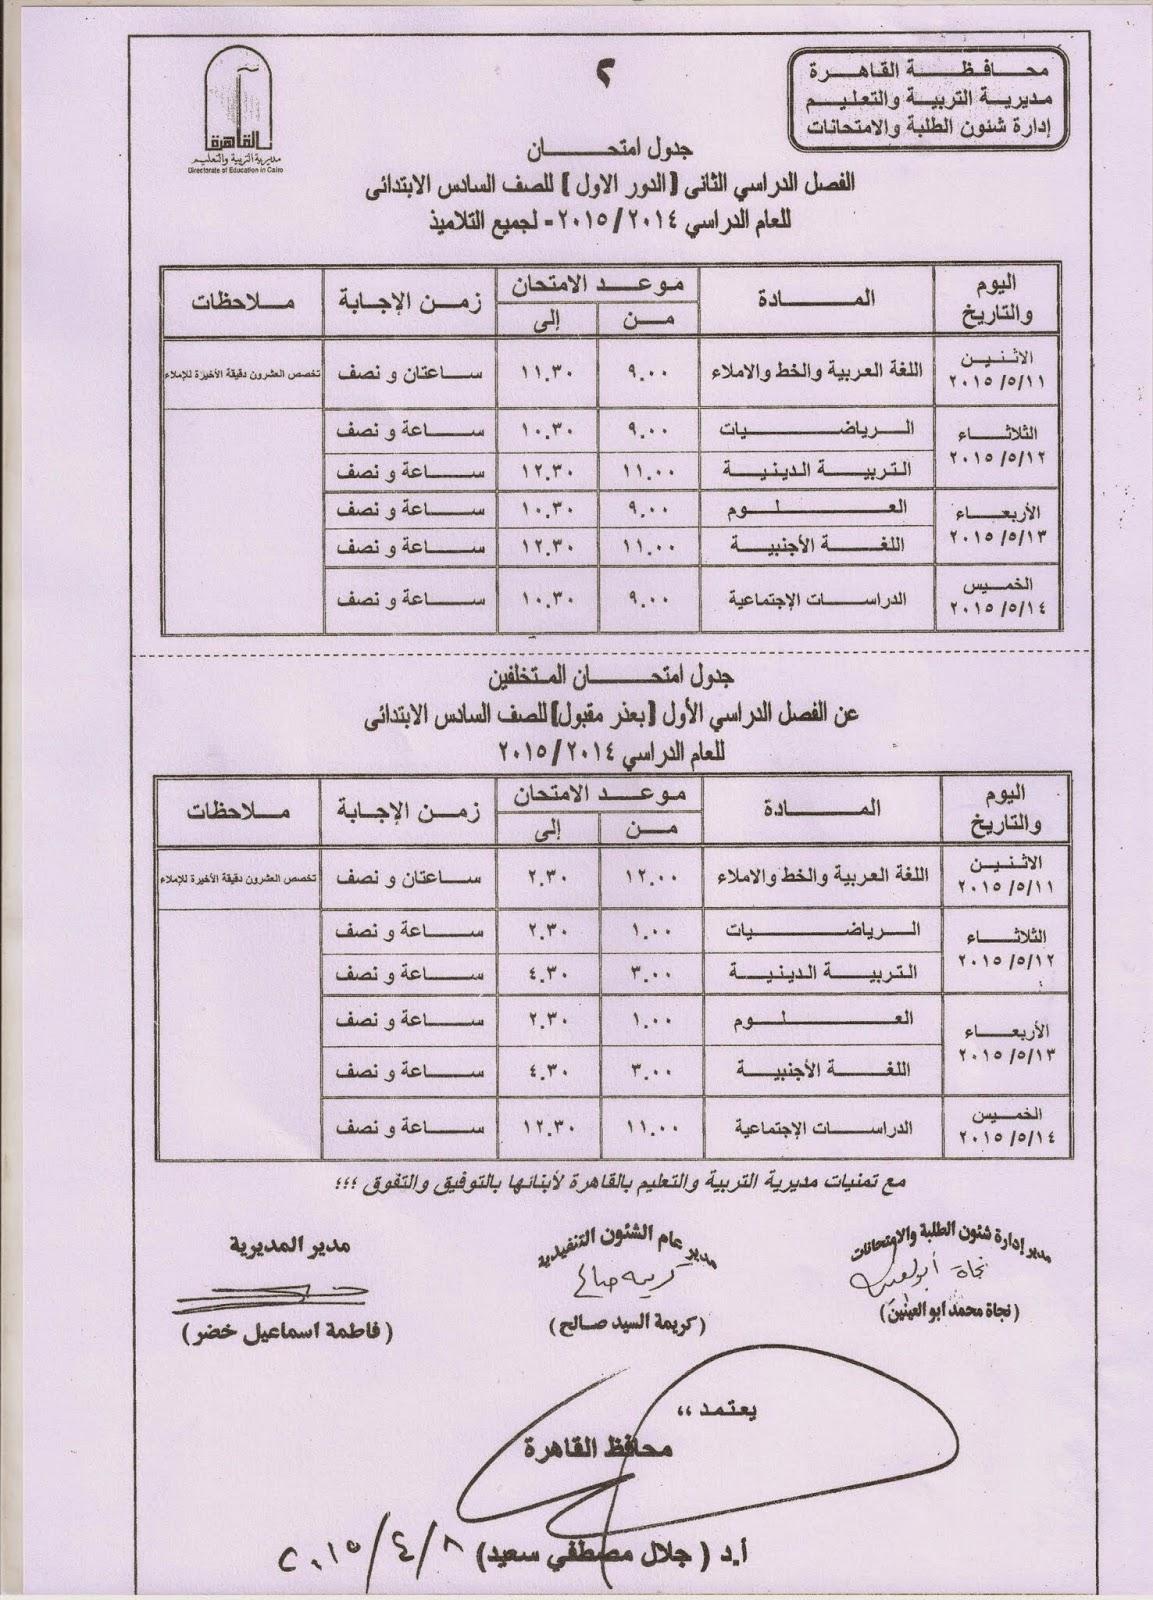 جداول امتحانات القاهرة الصف السادس الإبتدائى 2015 أخر العام سادس+ب.jpg